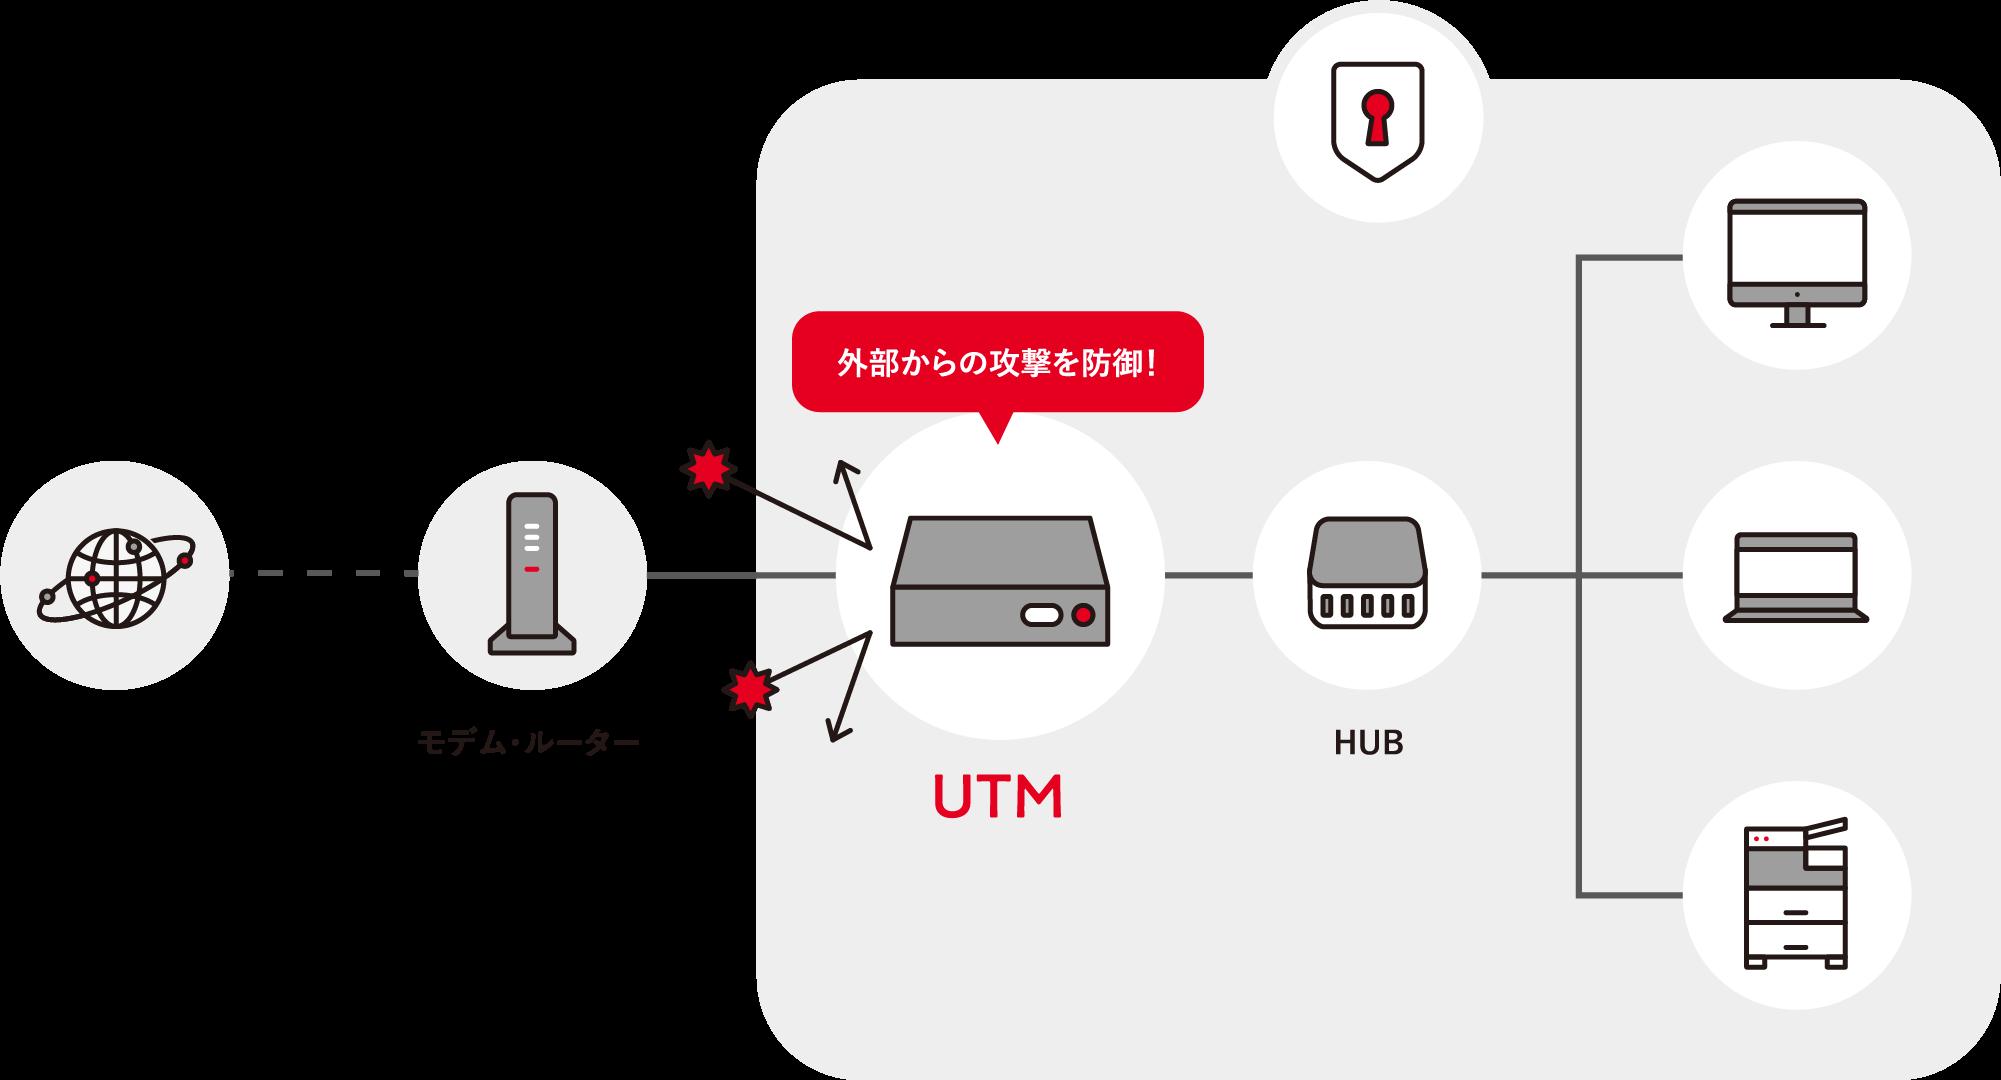 UTM接続イメージ モデル・ルーター、UTM(外部からの攻撃を防御防御!)、HUB